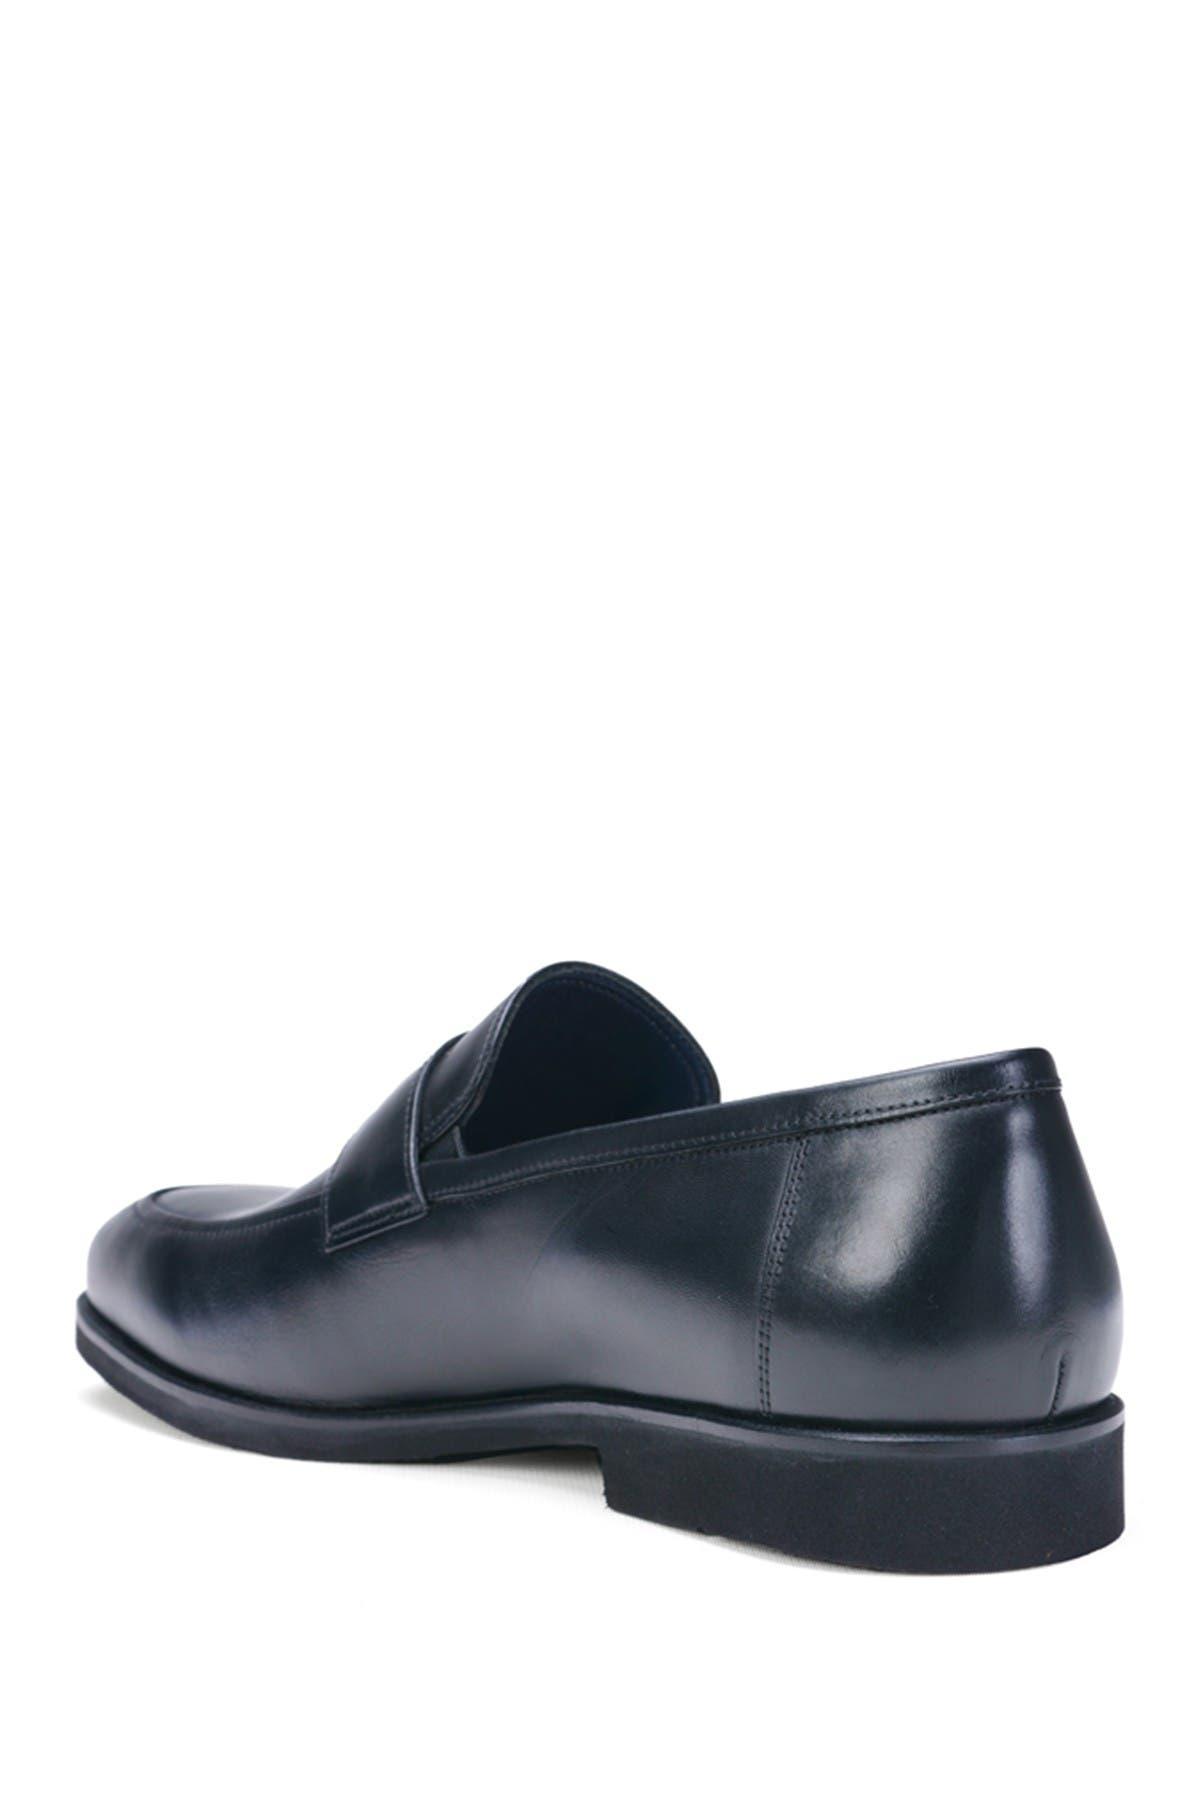 Image of SEPOL Soho Leather Loafer